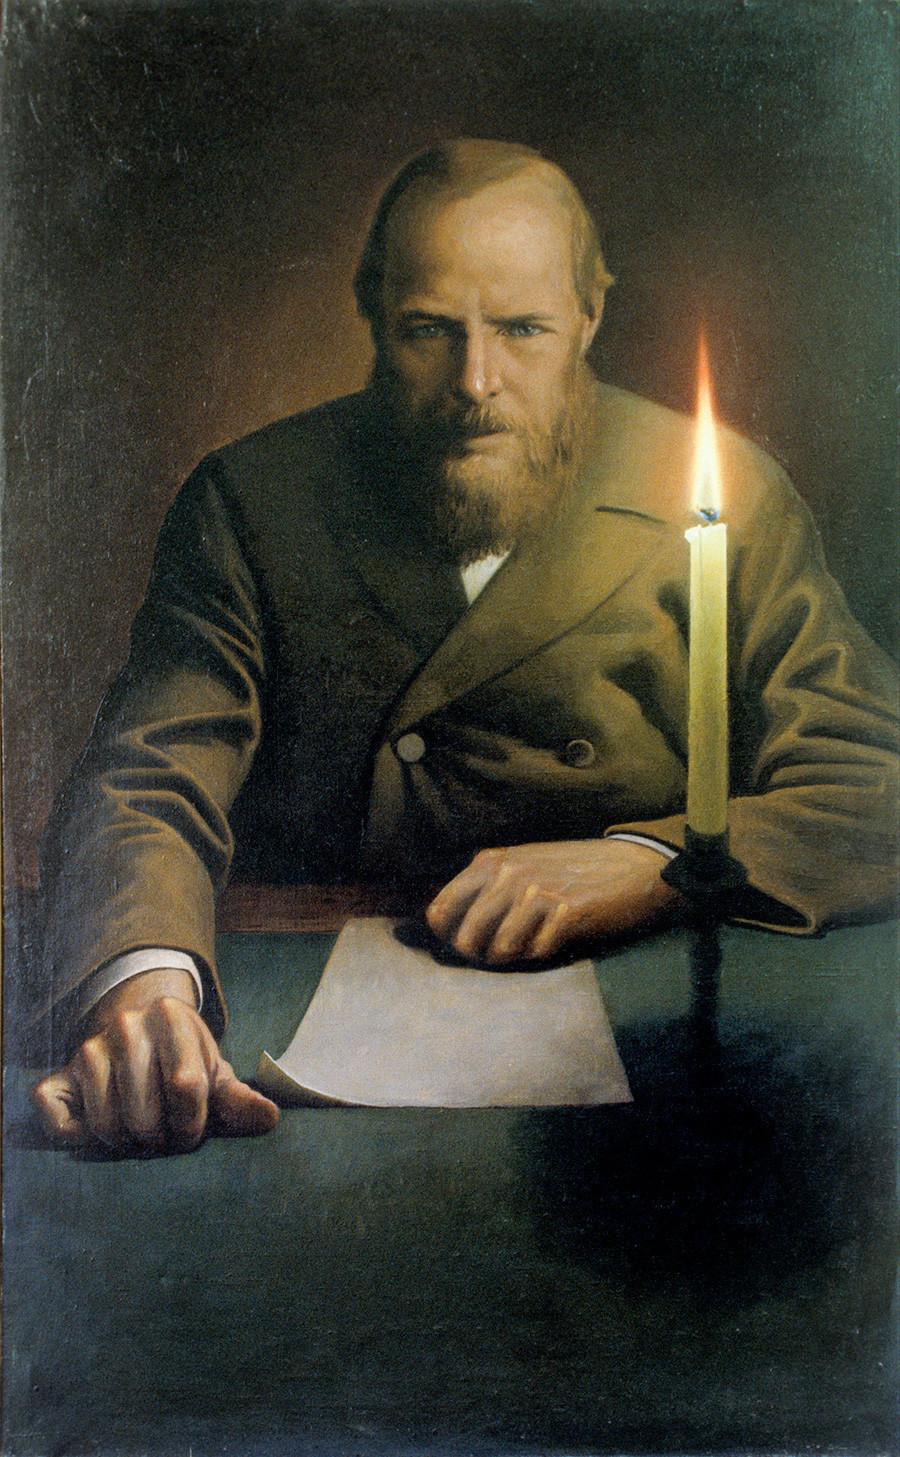 Retrato de Fiódor Dostoiévski por Konstantin Vassíliev.